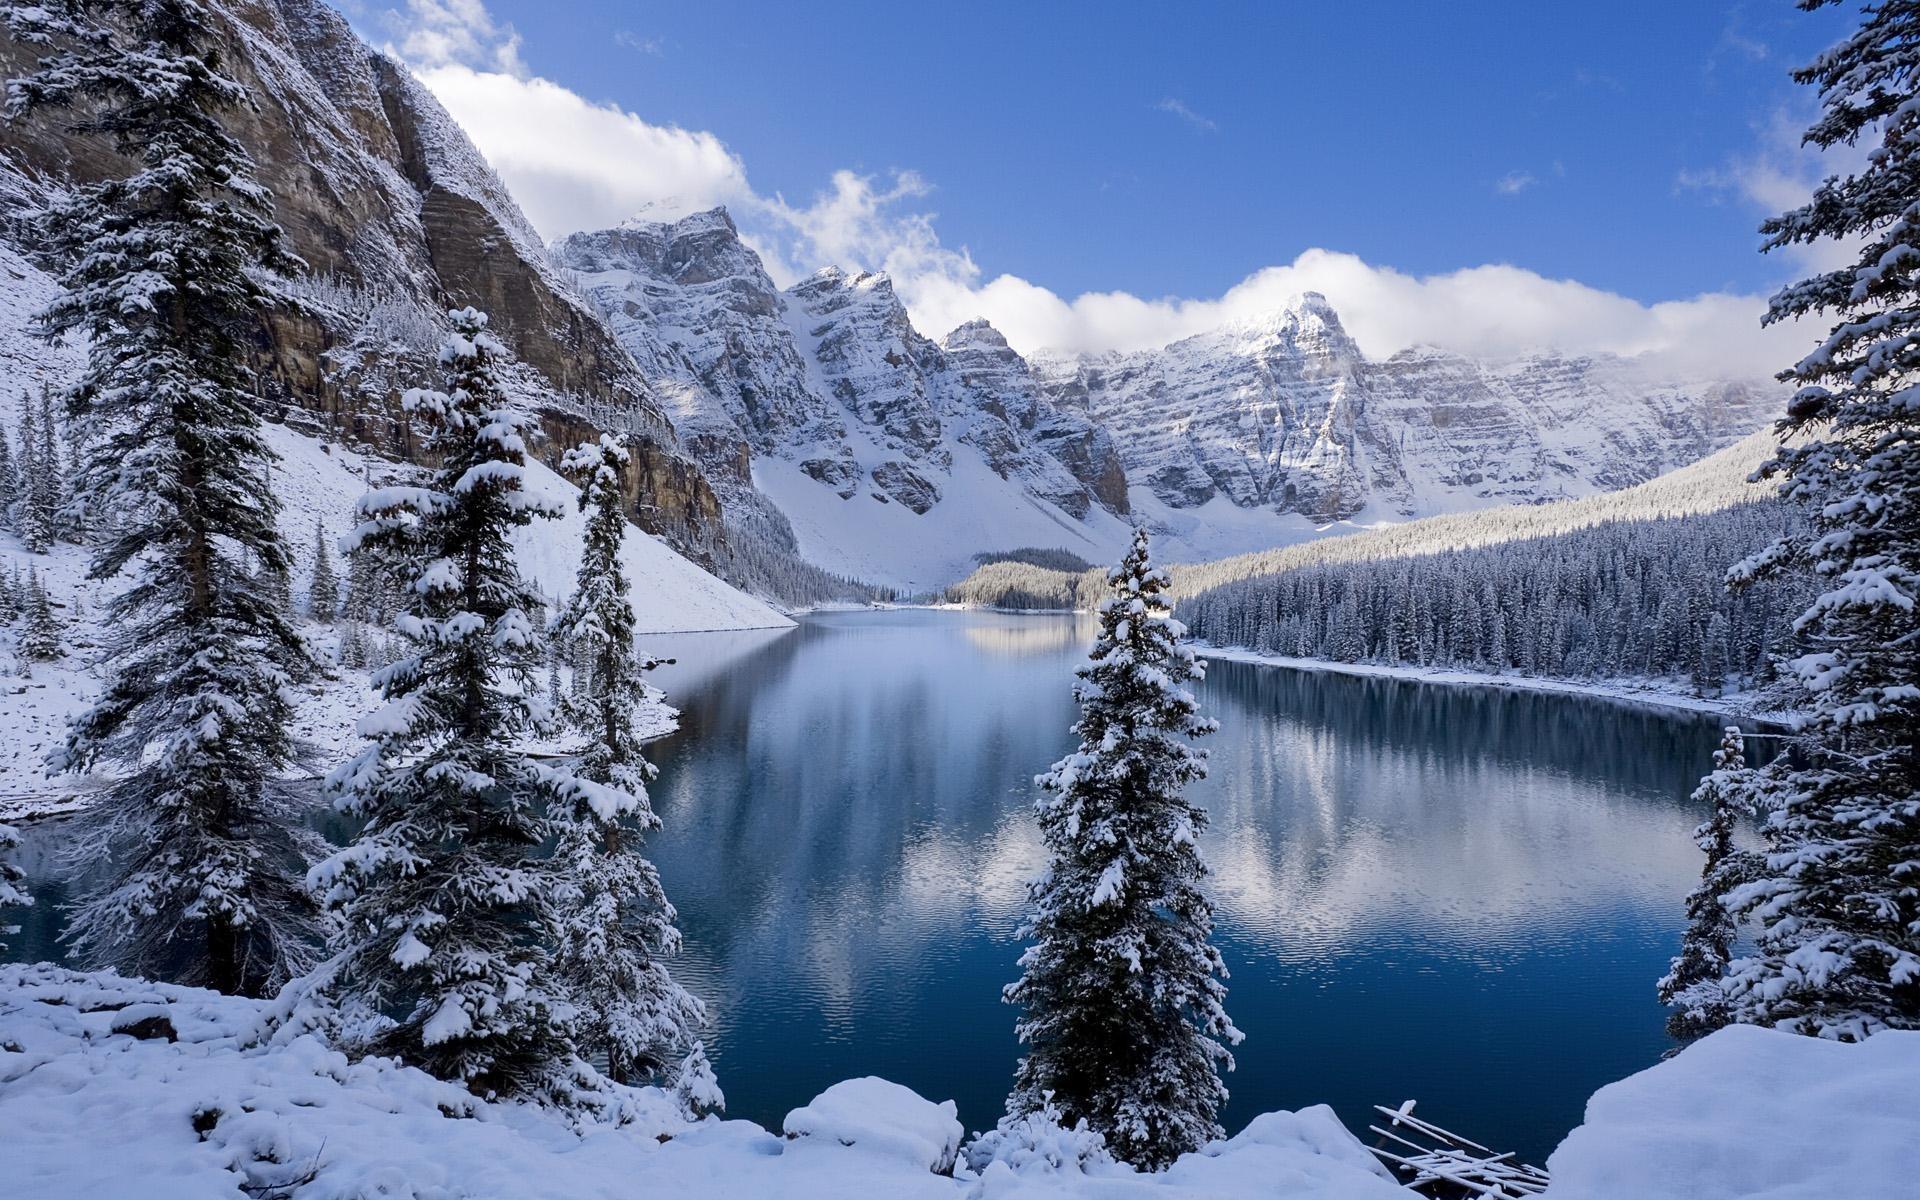 Winter Mountain Lake Scenes for Desktop Wallpapers HD